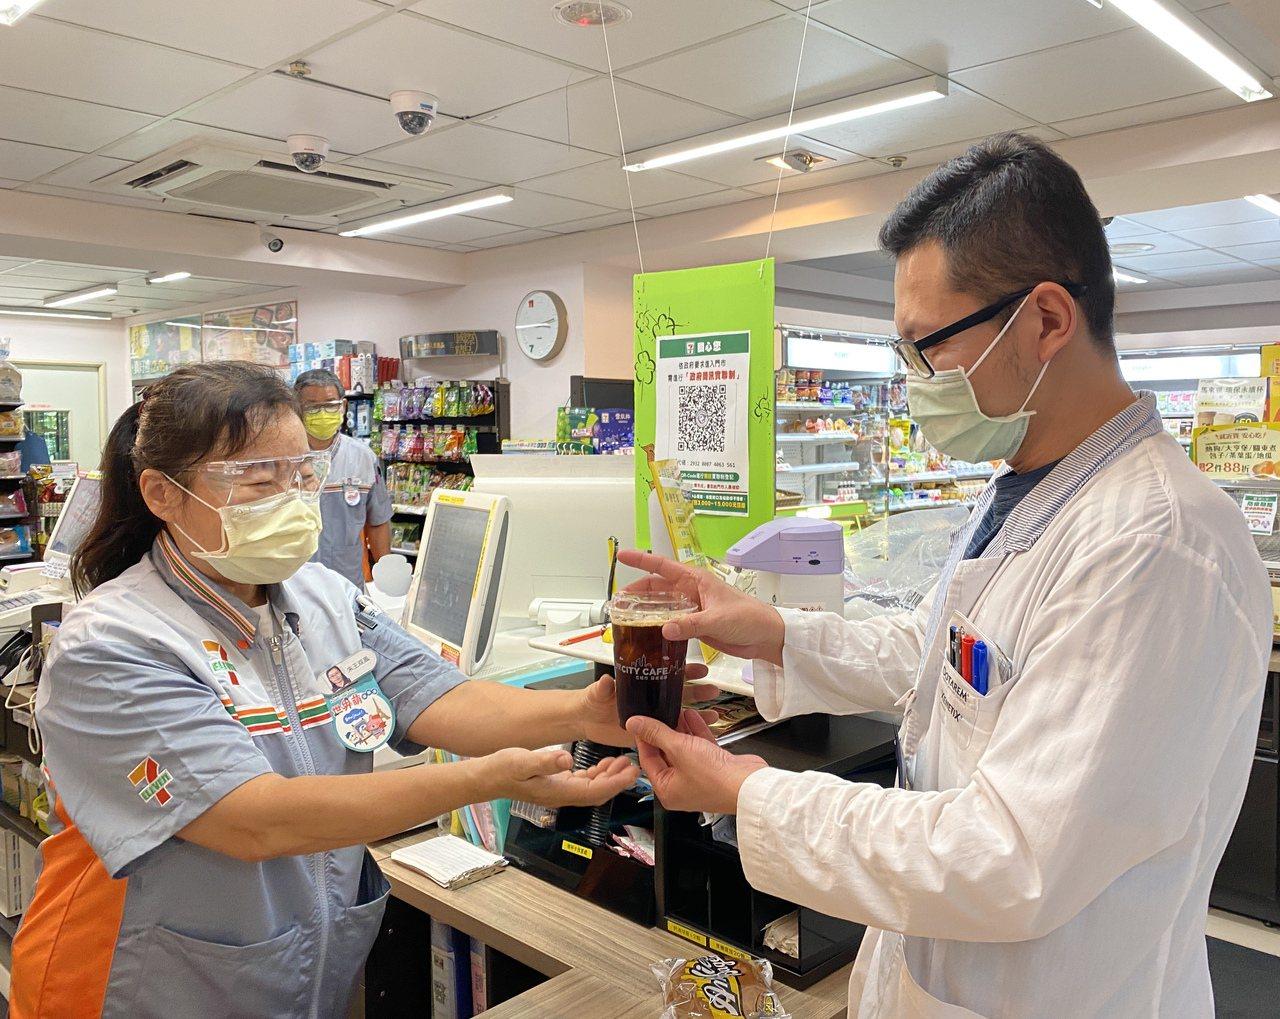 樂齡店員60歲王双鳳(左)曾是保母,轉戰服務業成為超商店員,開啟人生新挑戰。 圖...